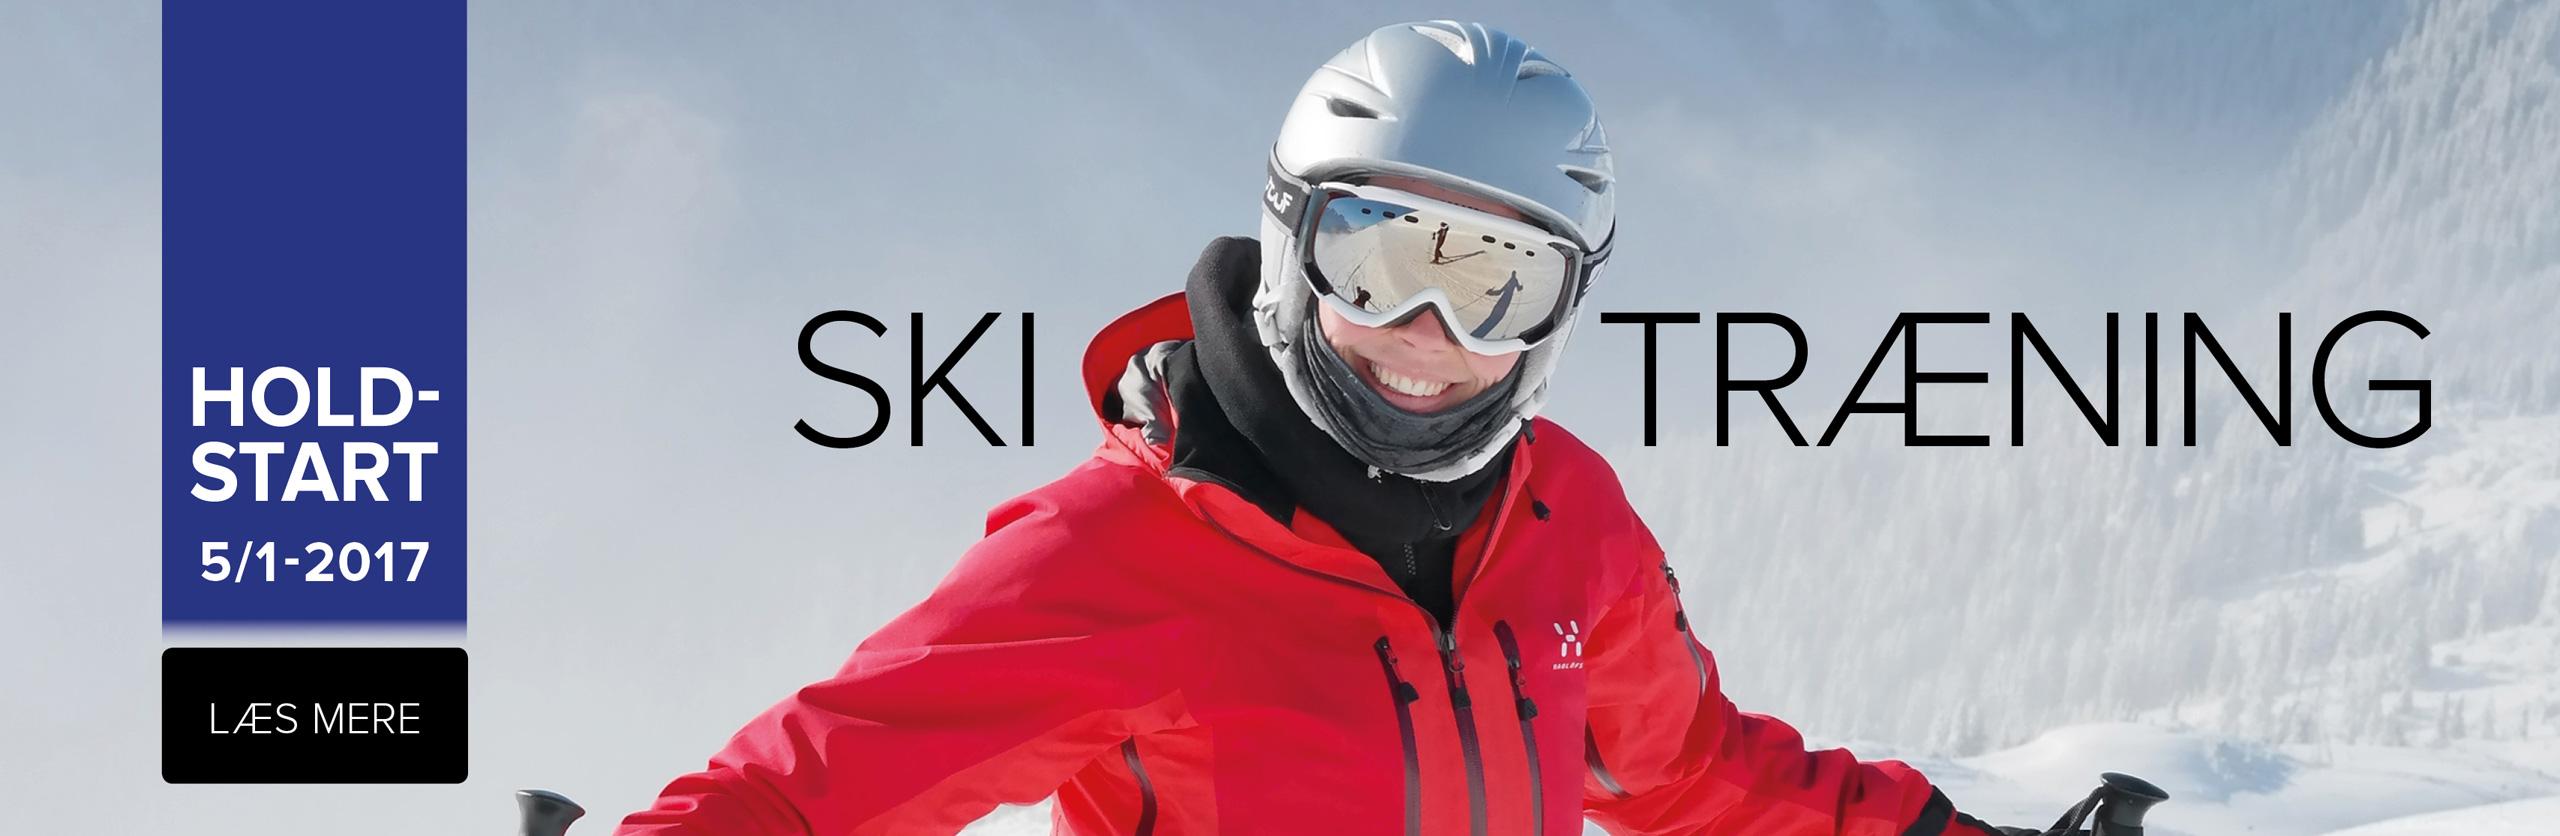 Skitræning